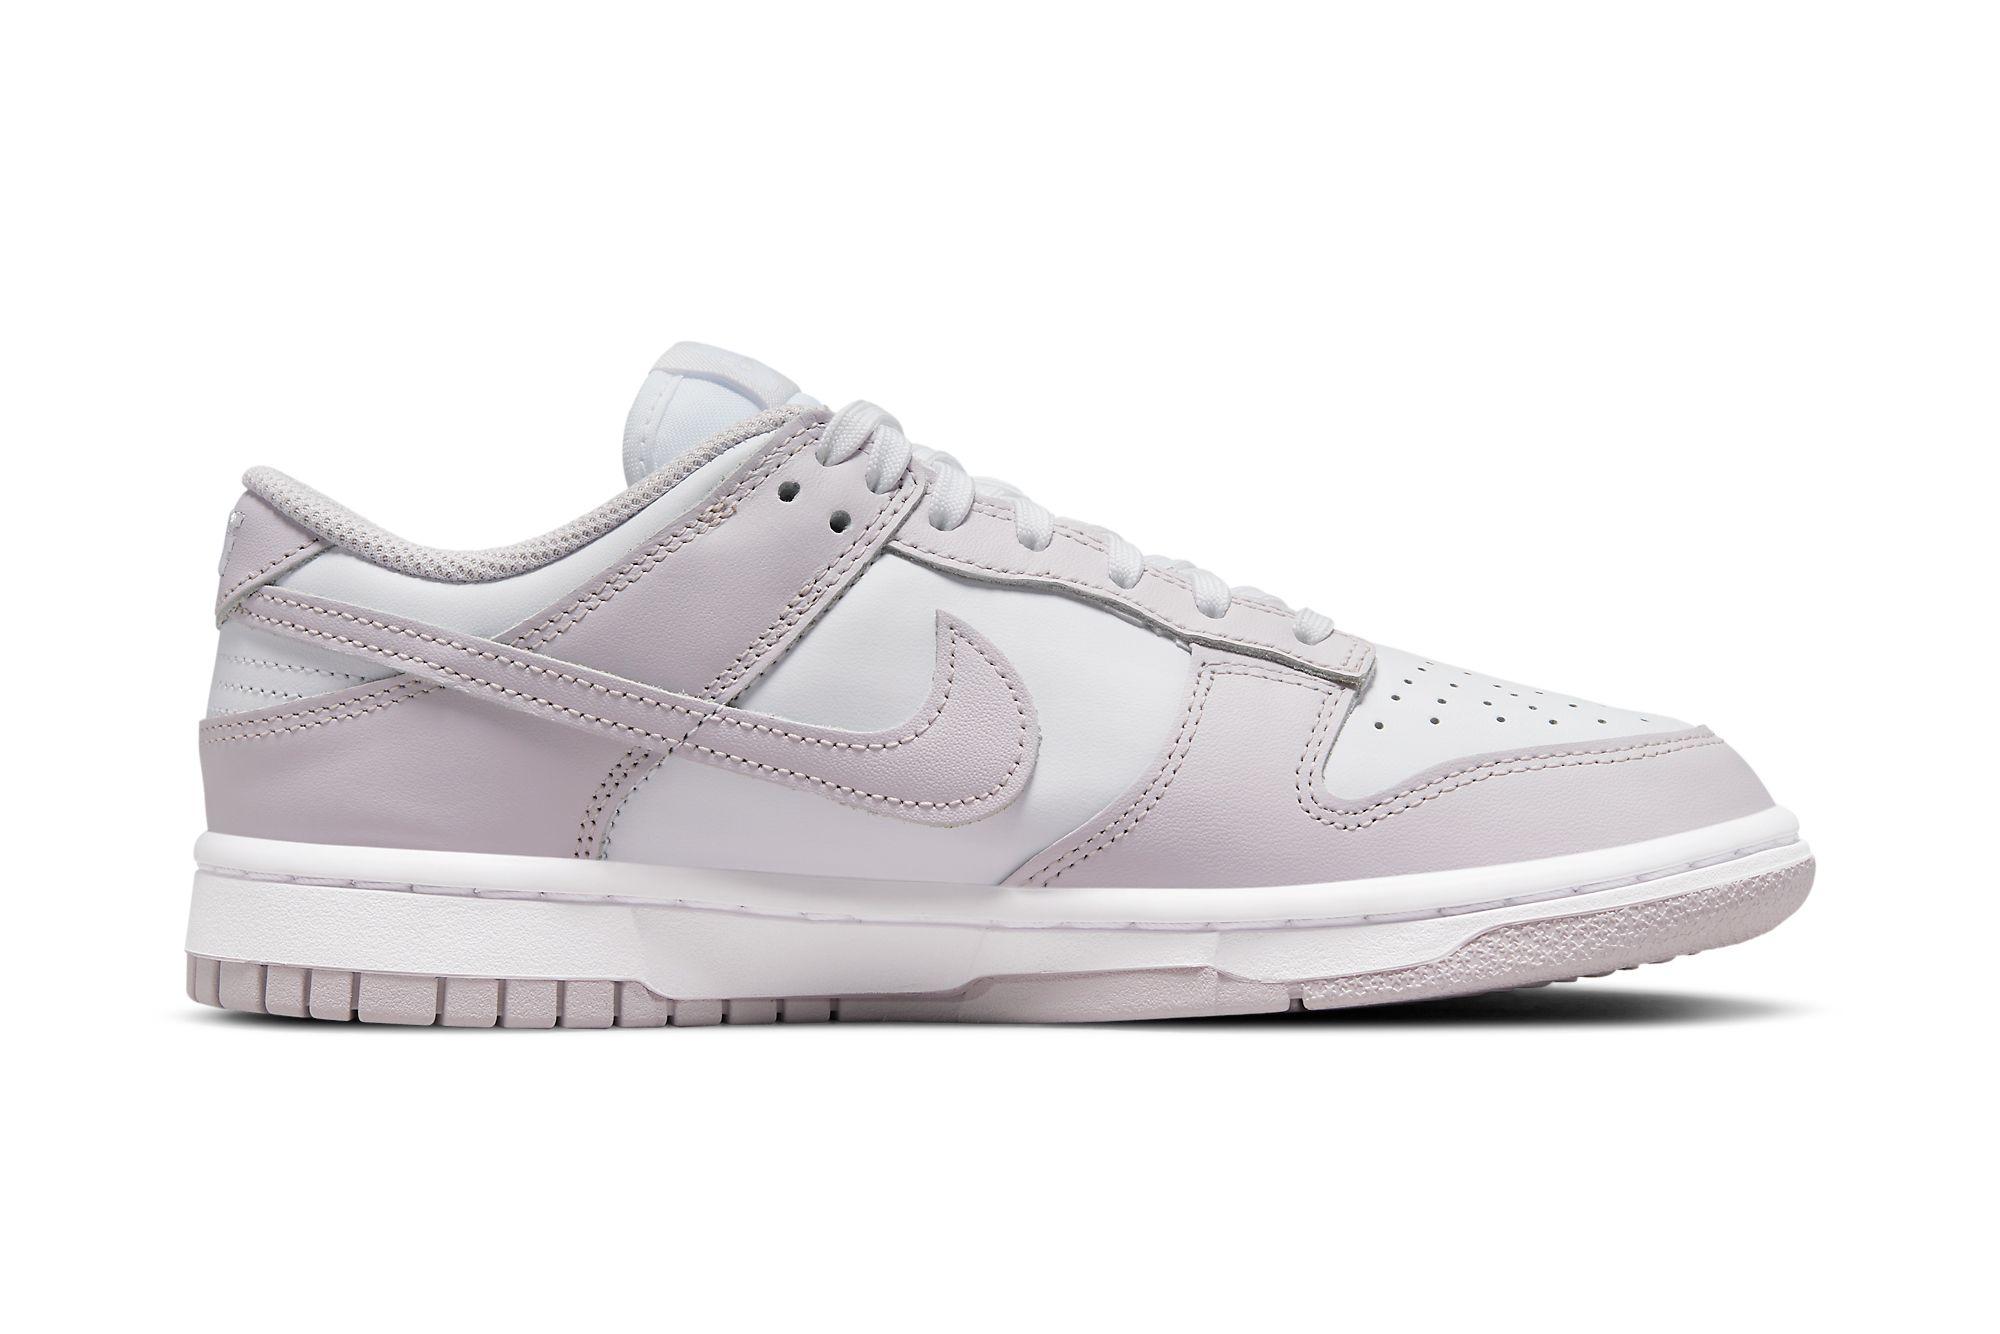 Nike Dunk Low 'Light Violet'